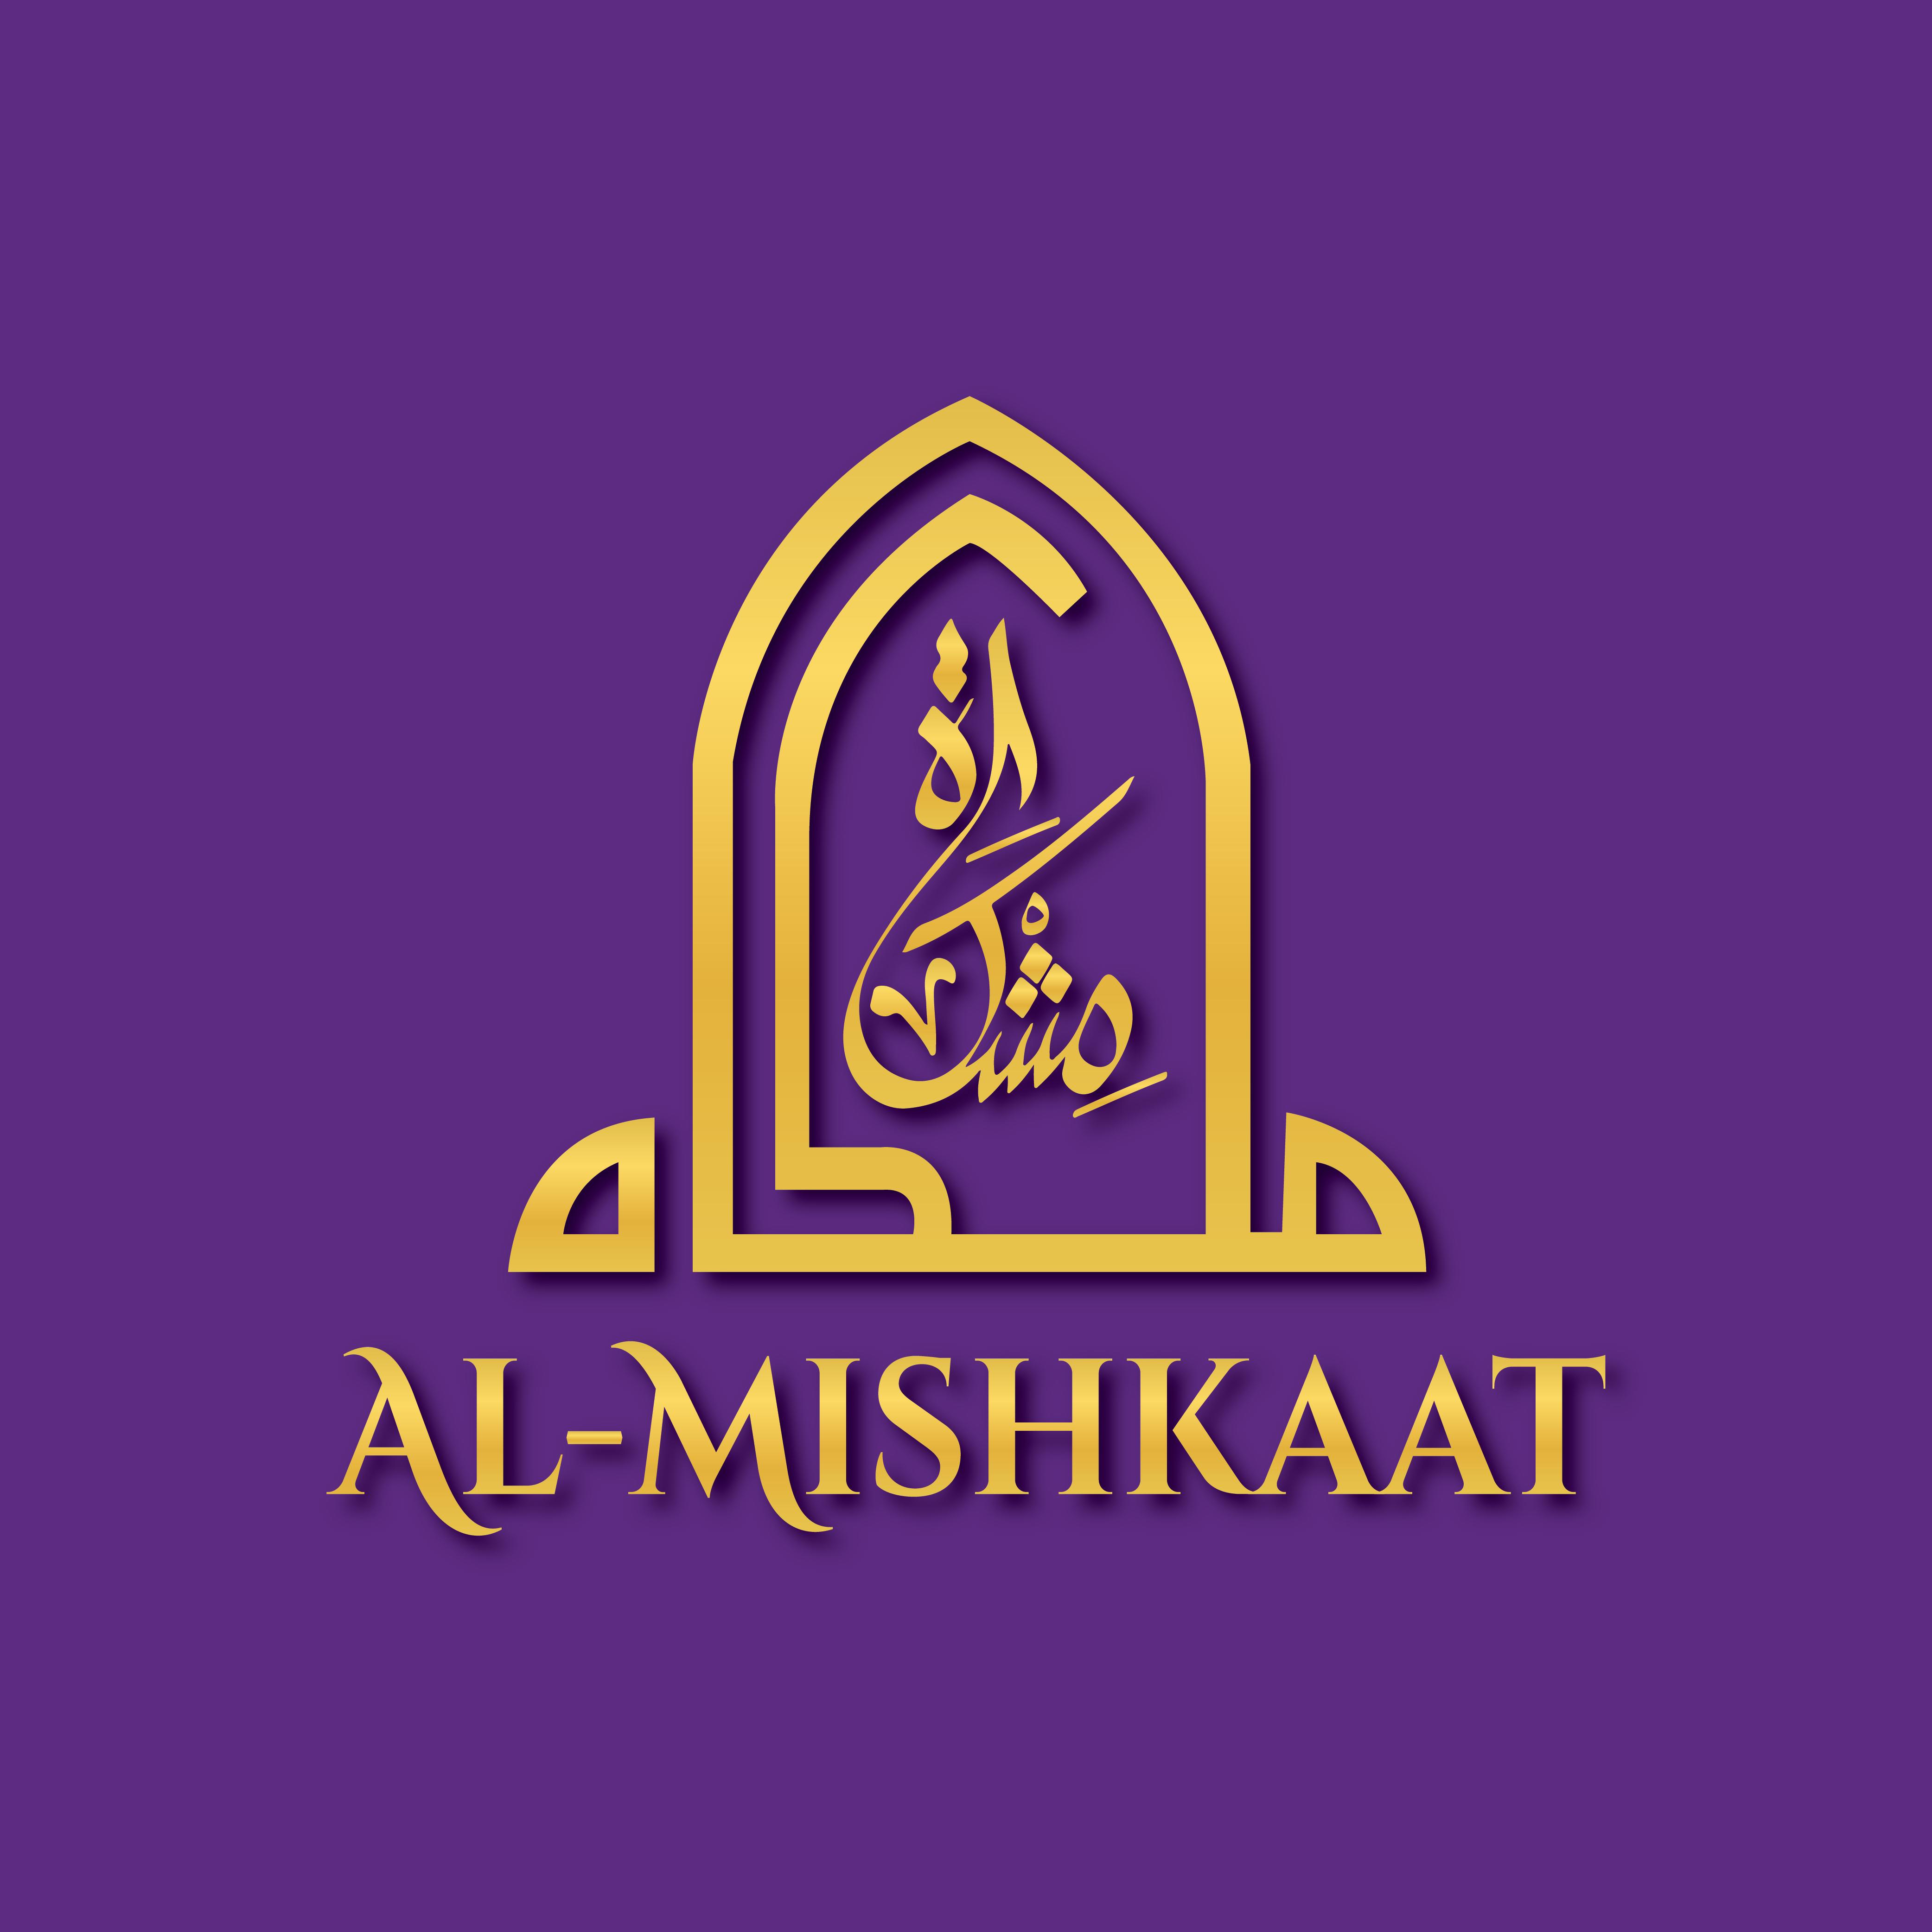 Al-Mishkaat